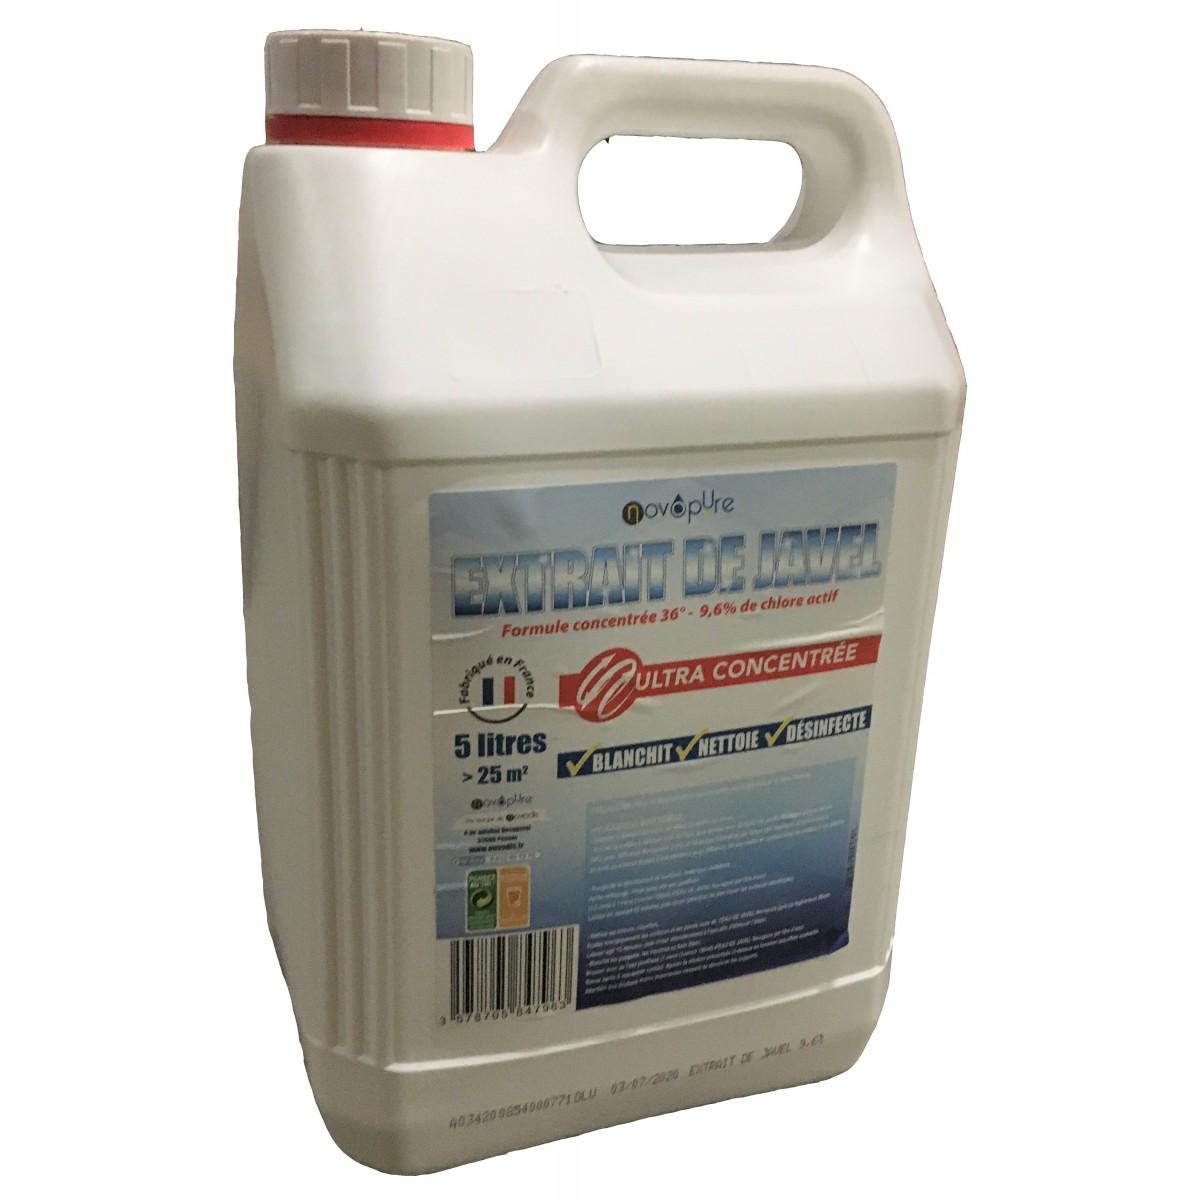 Eau De Javel Anti Mousse Terrasse extrait de javel 9,6% de chlore actif 5l